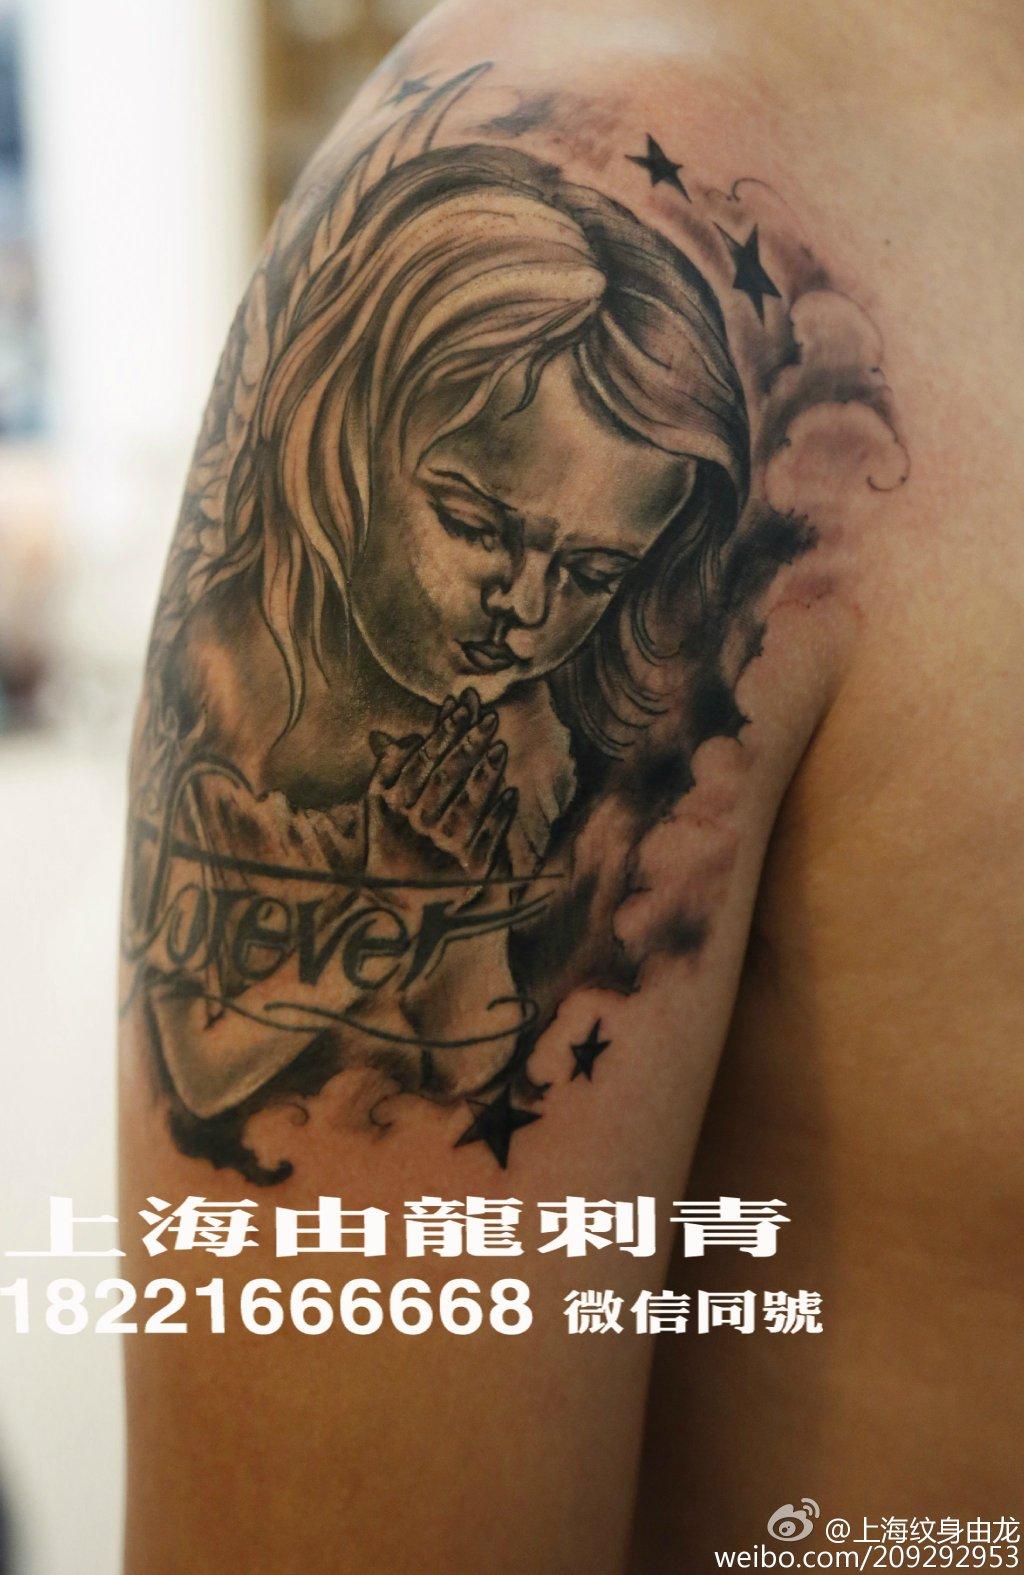 手臂天使纹身_中图_上海由龙刺青